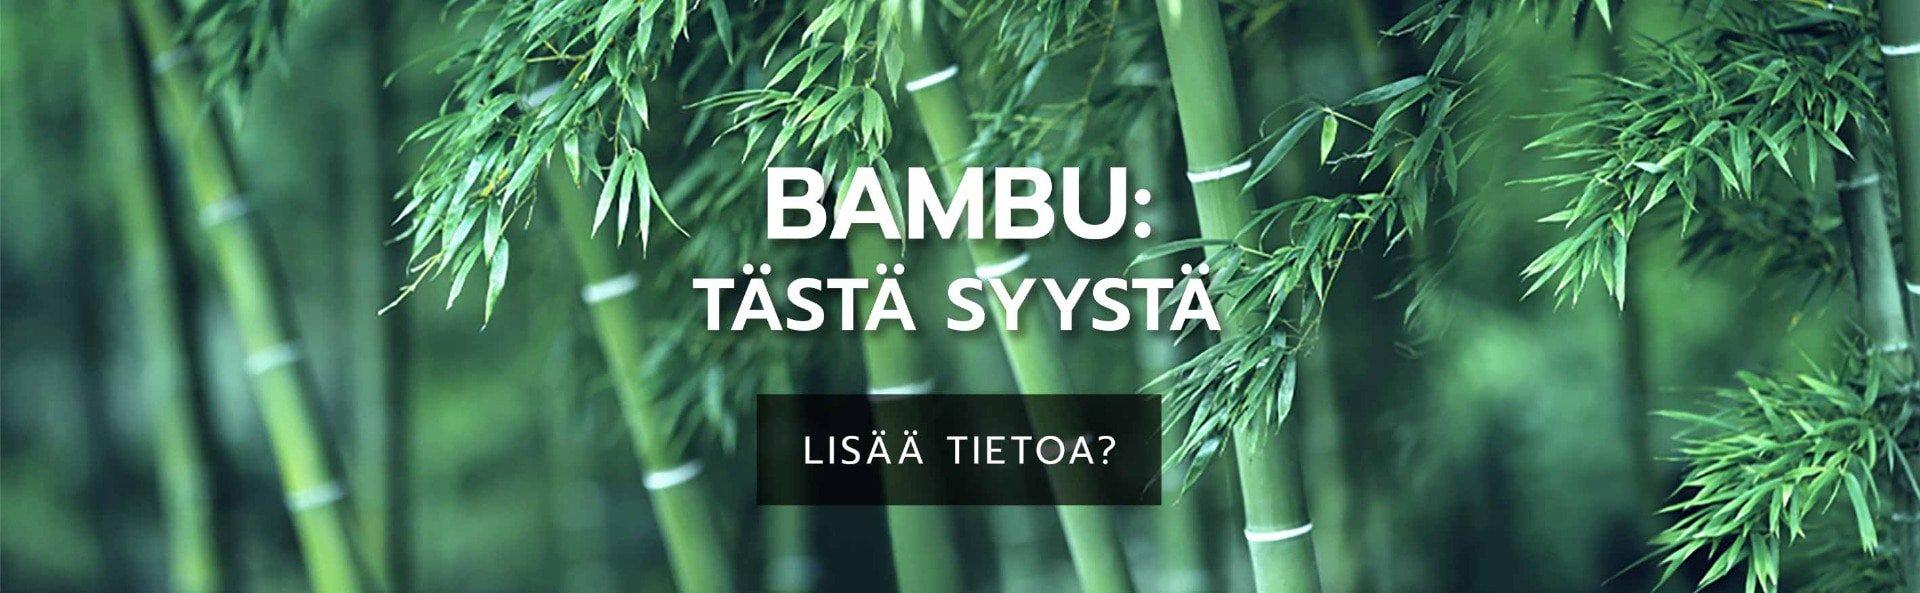 Bambu: tästä syystä